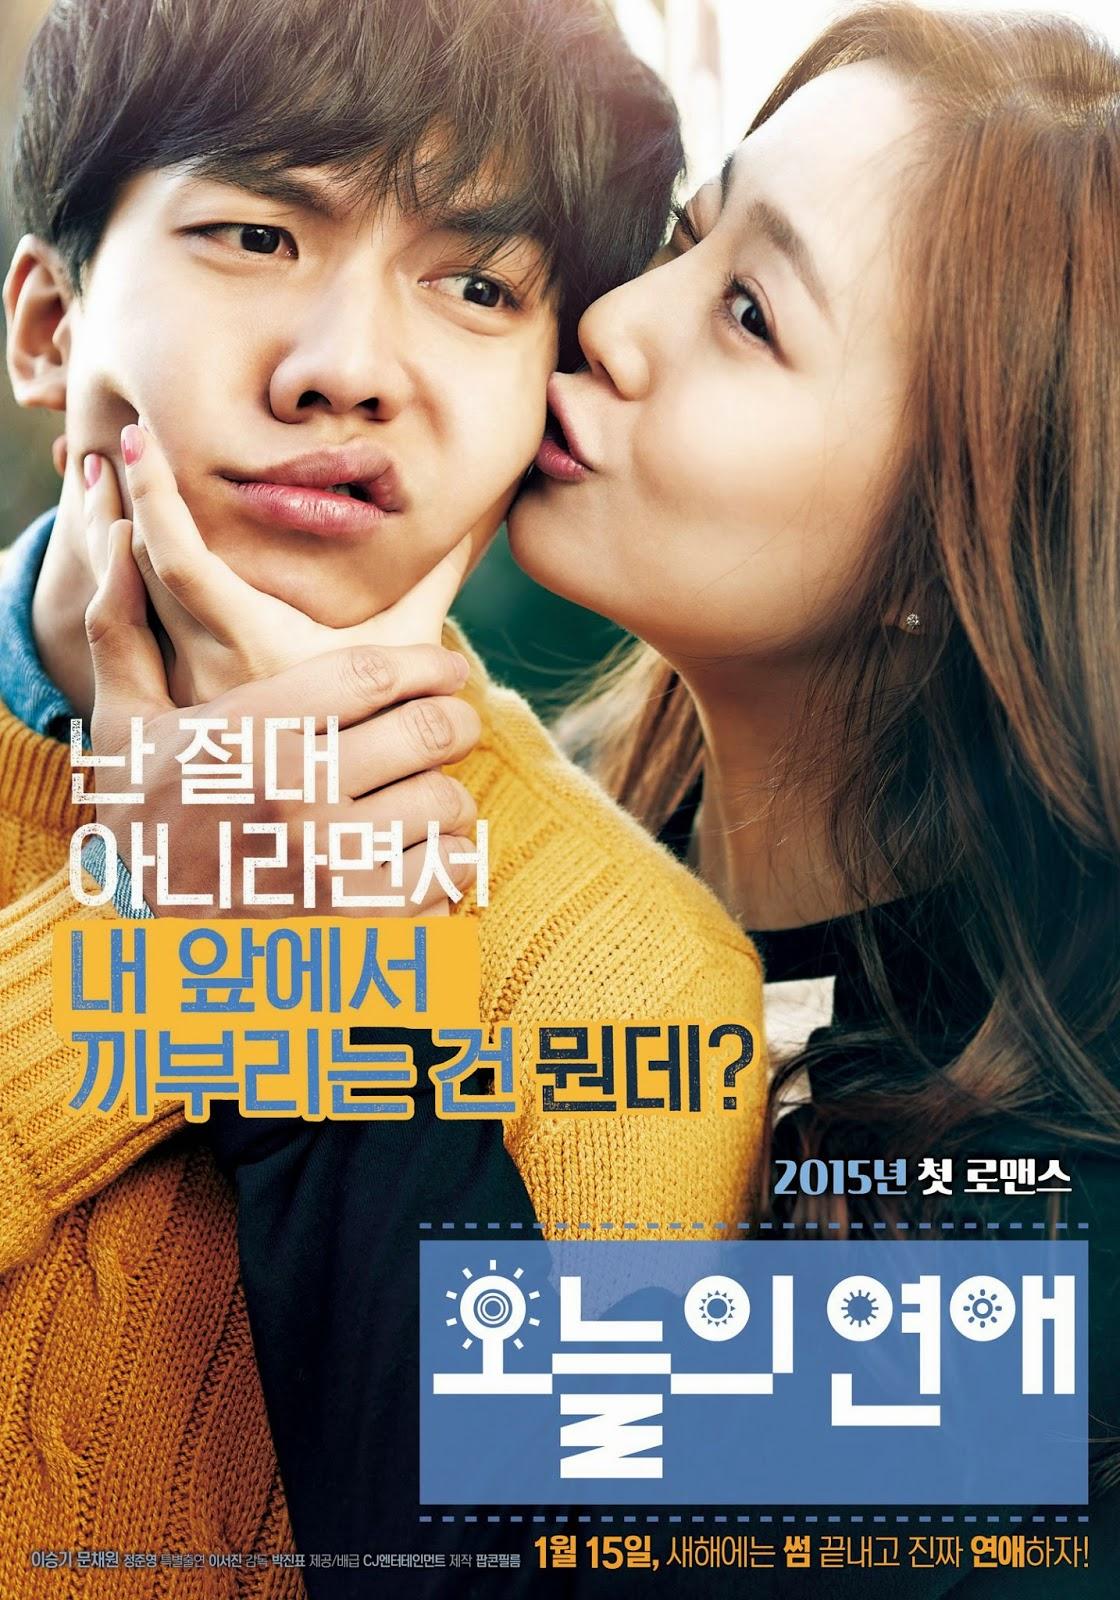 SINOPSIS Lengkap Film Korea Love Forecast / Today's Love